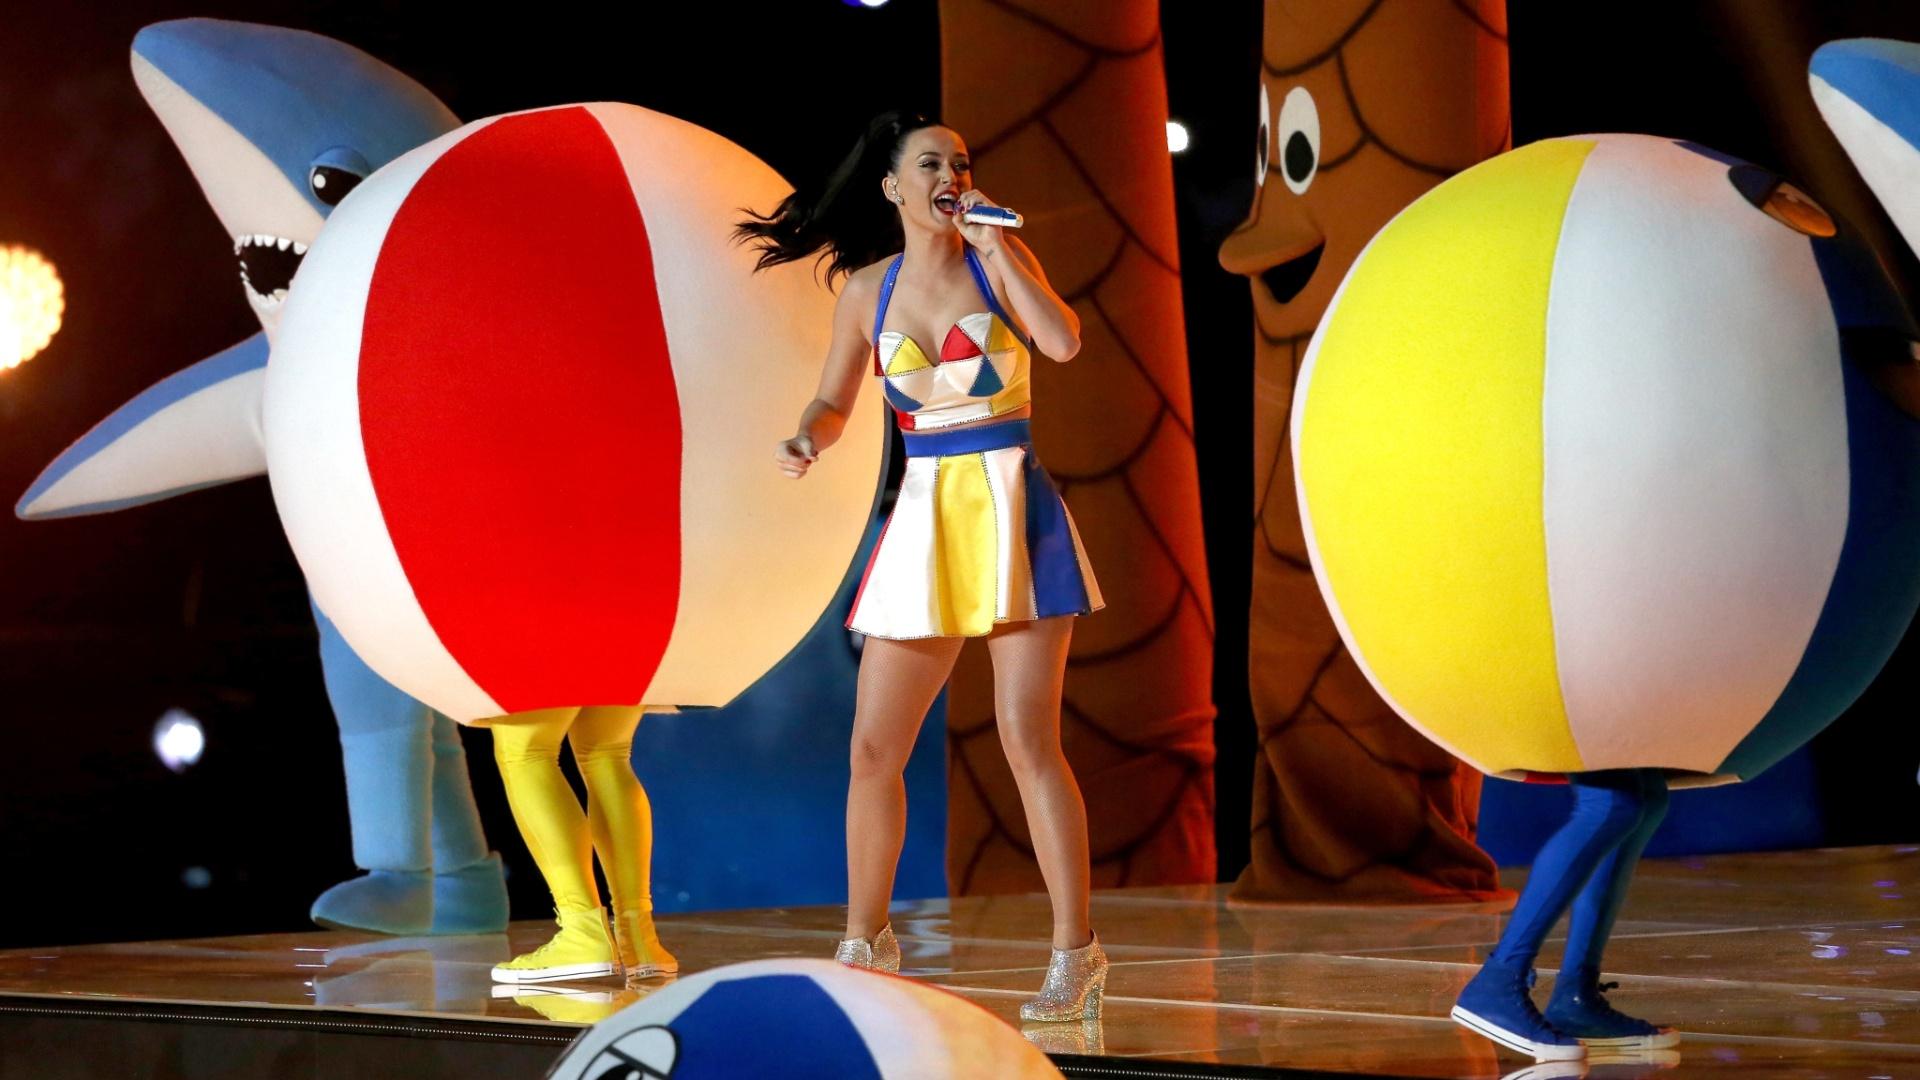 Em um cenário de praia, Katy Perry canta Teenage Dream e California Gurls